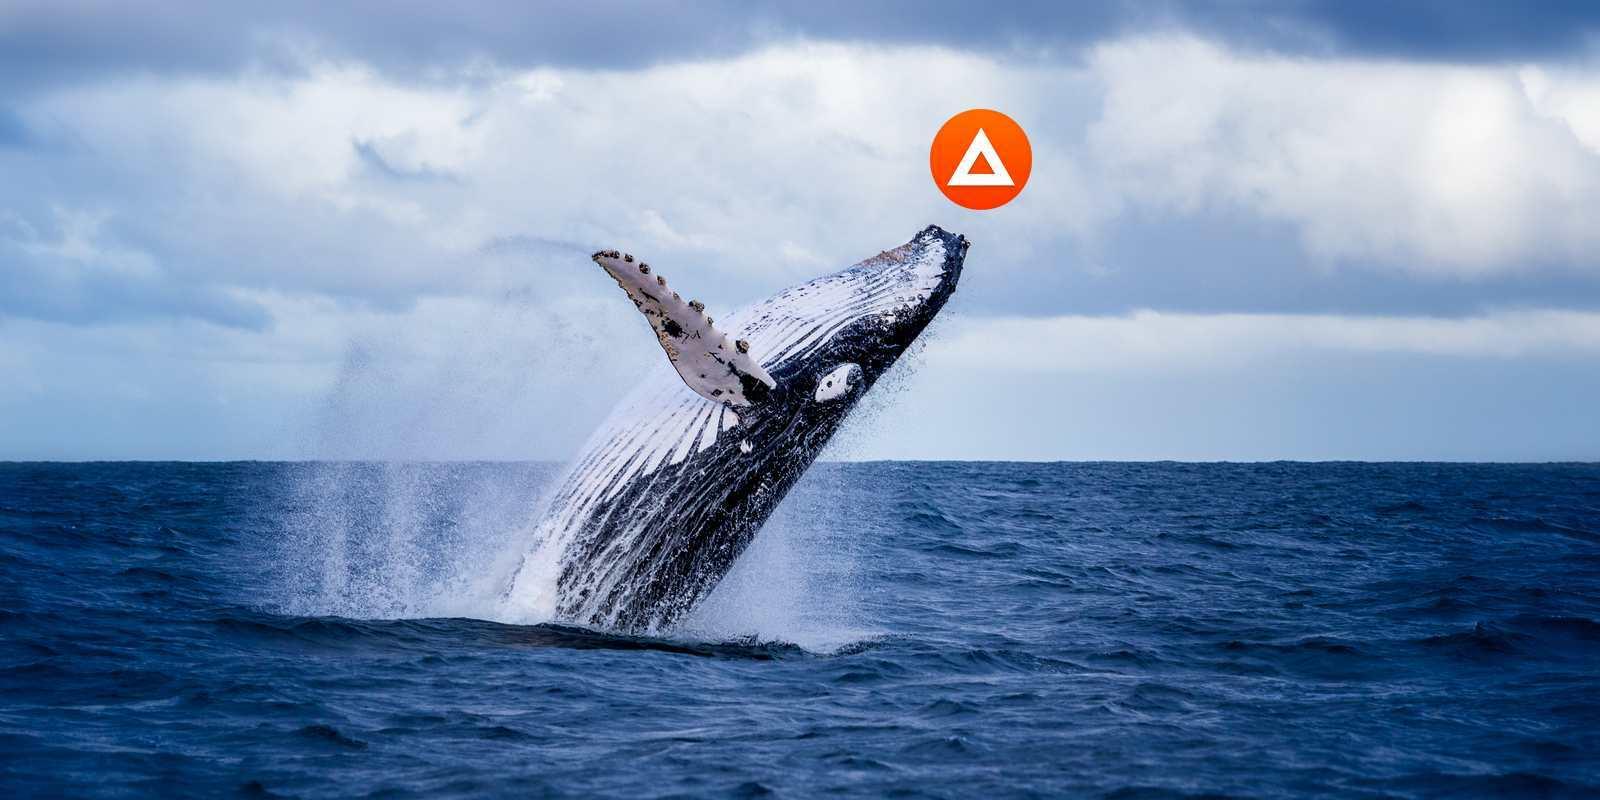 Les whales accumulent du Basic Attention Token (BAT): quelles conséquences sur le prix?